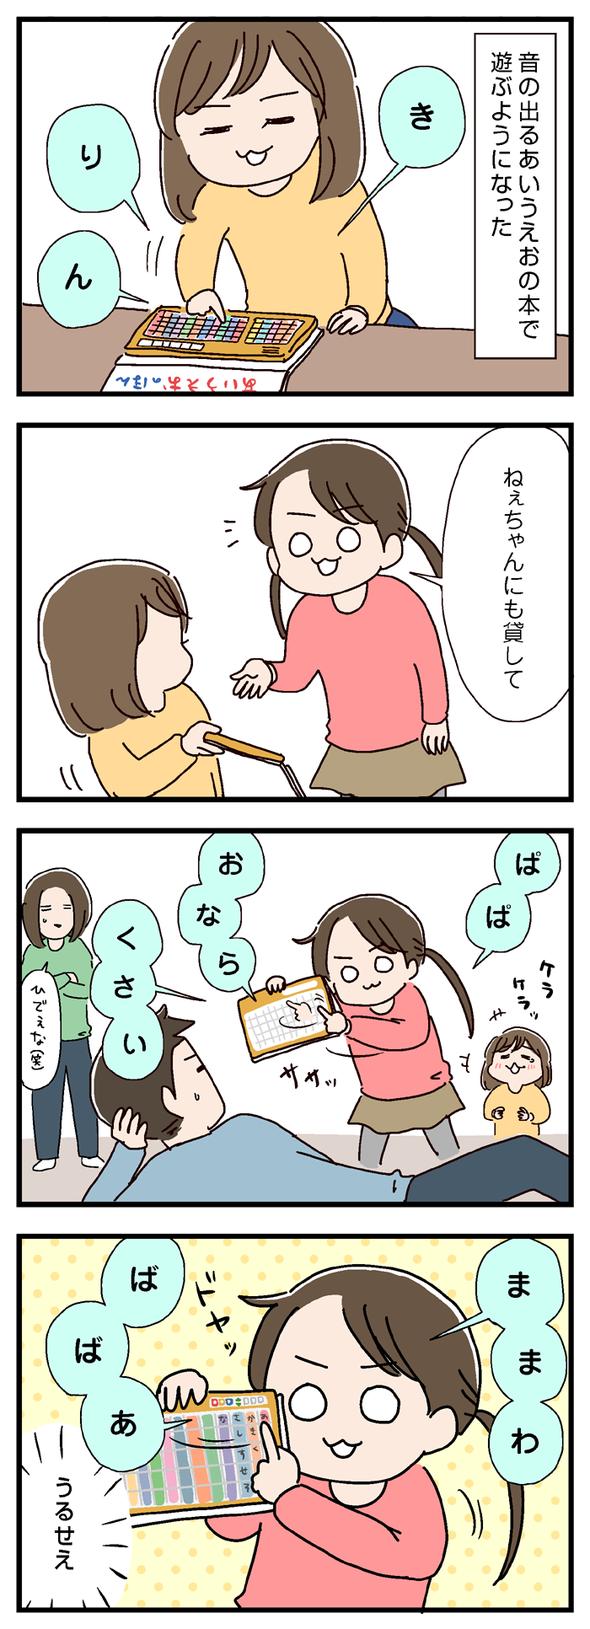 icchomae714